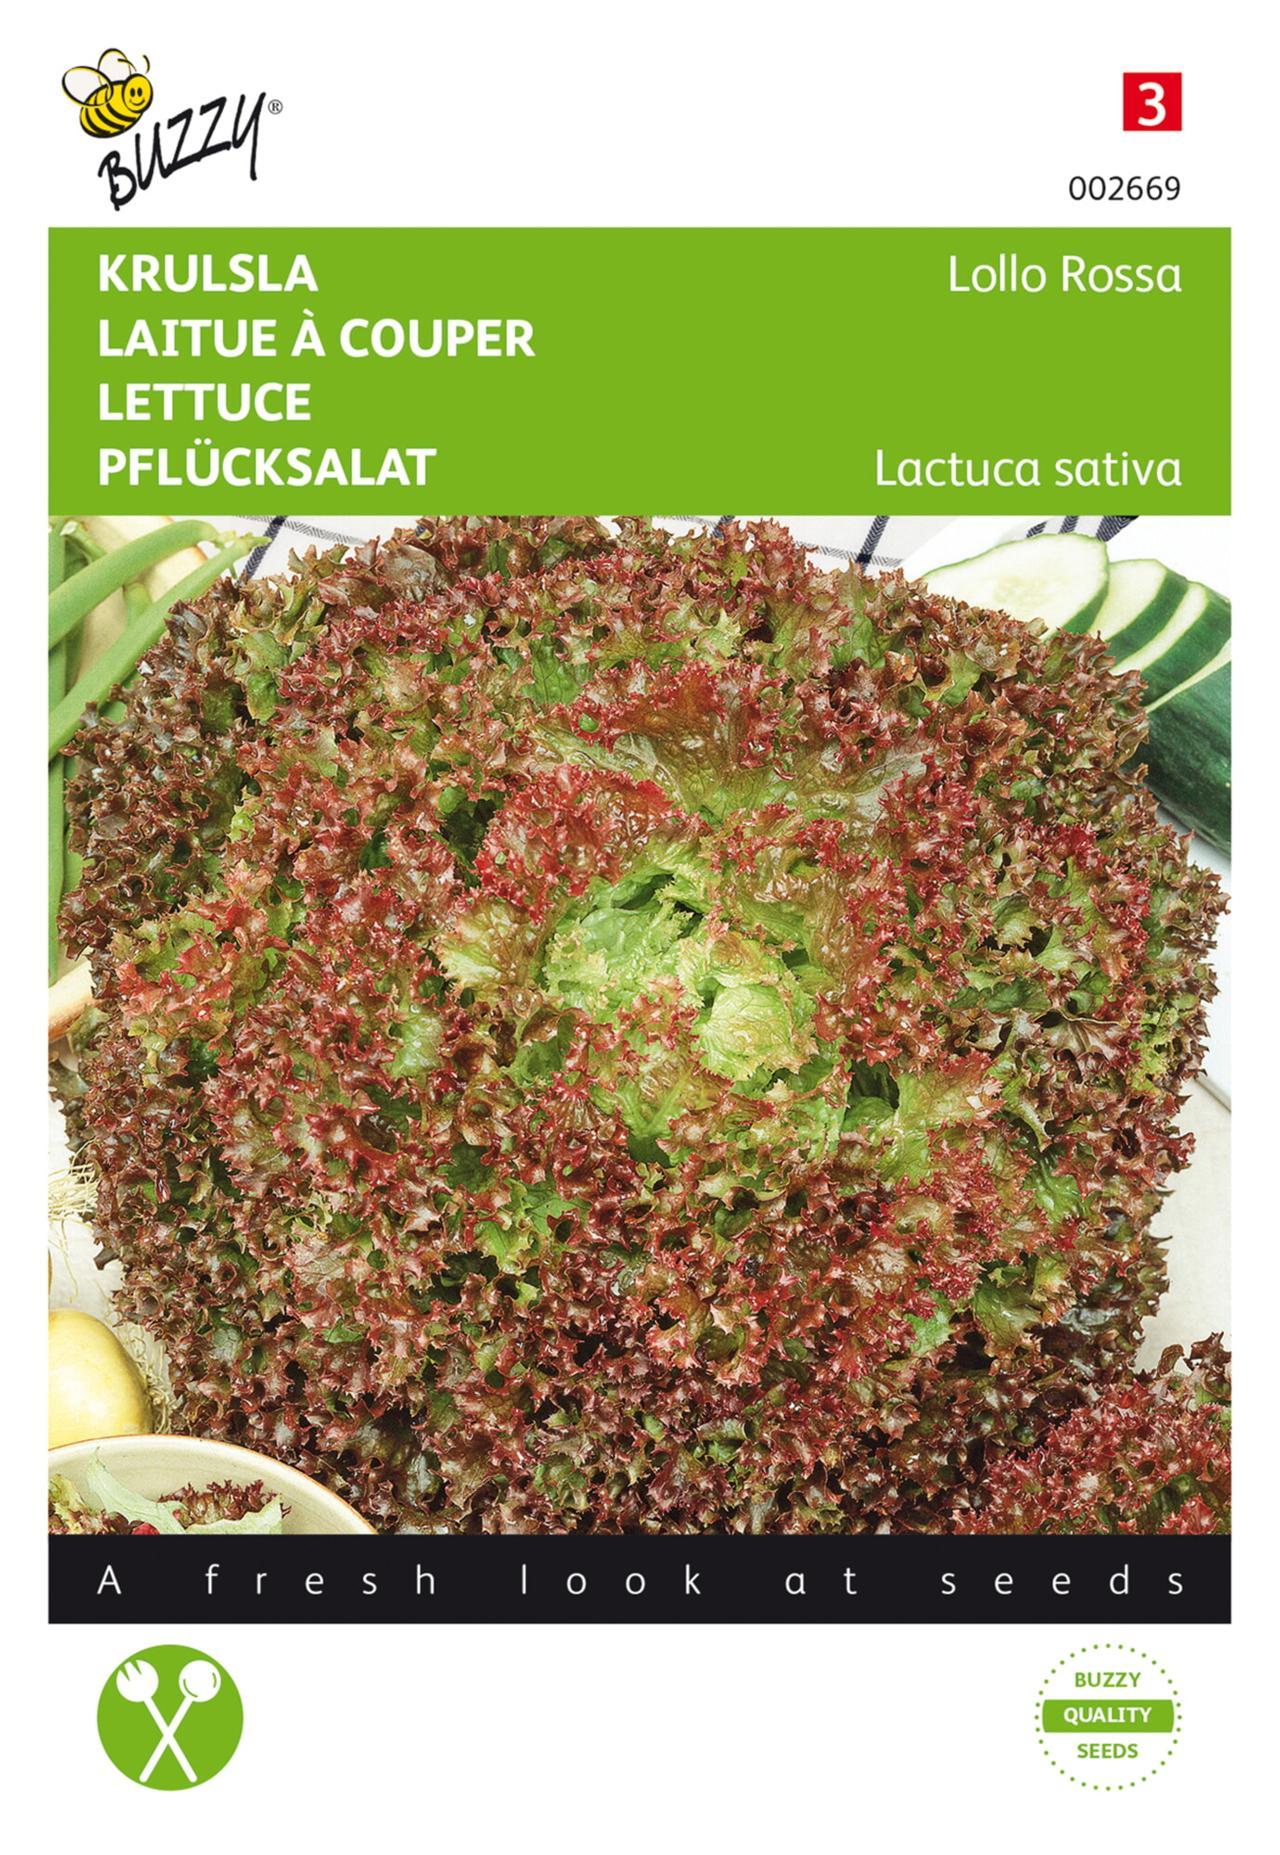 Lactuca sativa 'Lollo Rossa' plant